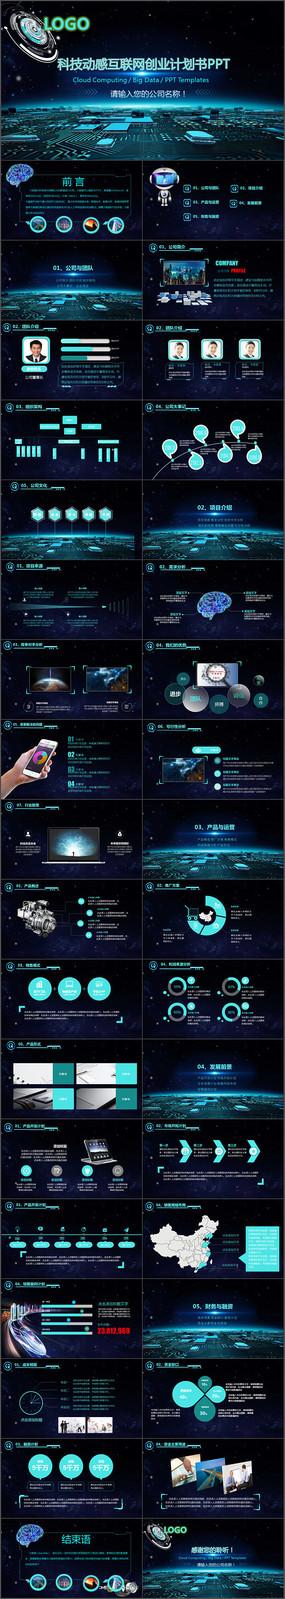 互联网立体科技创业融资PPT